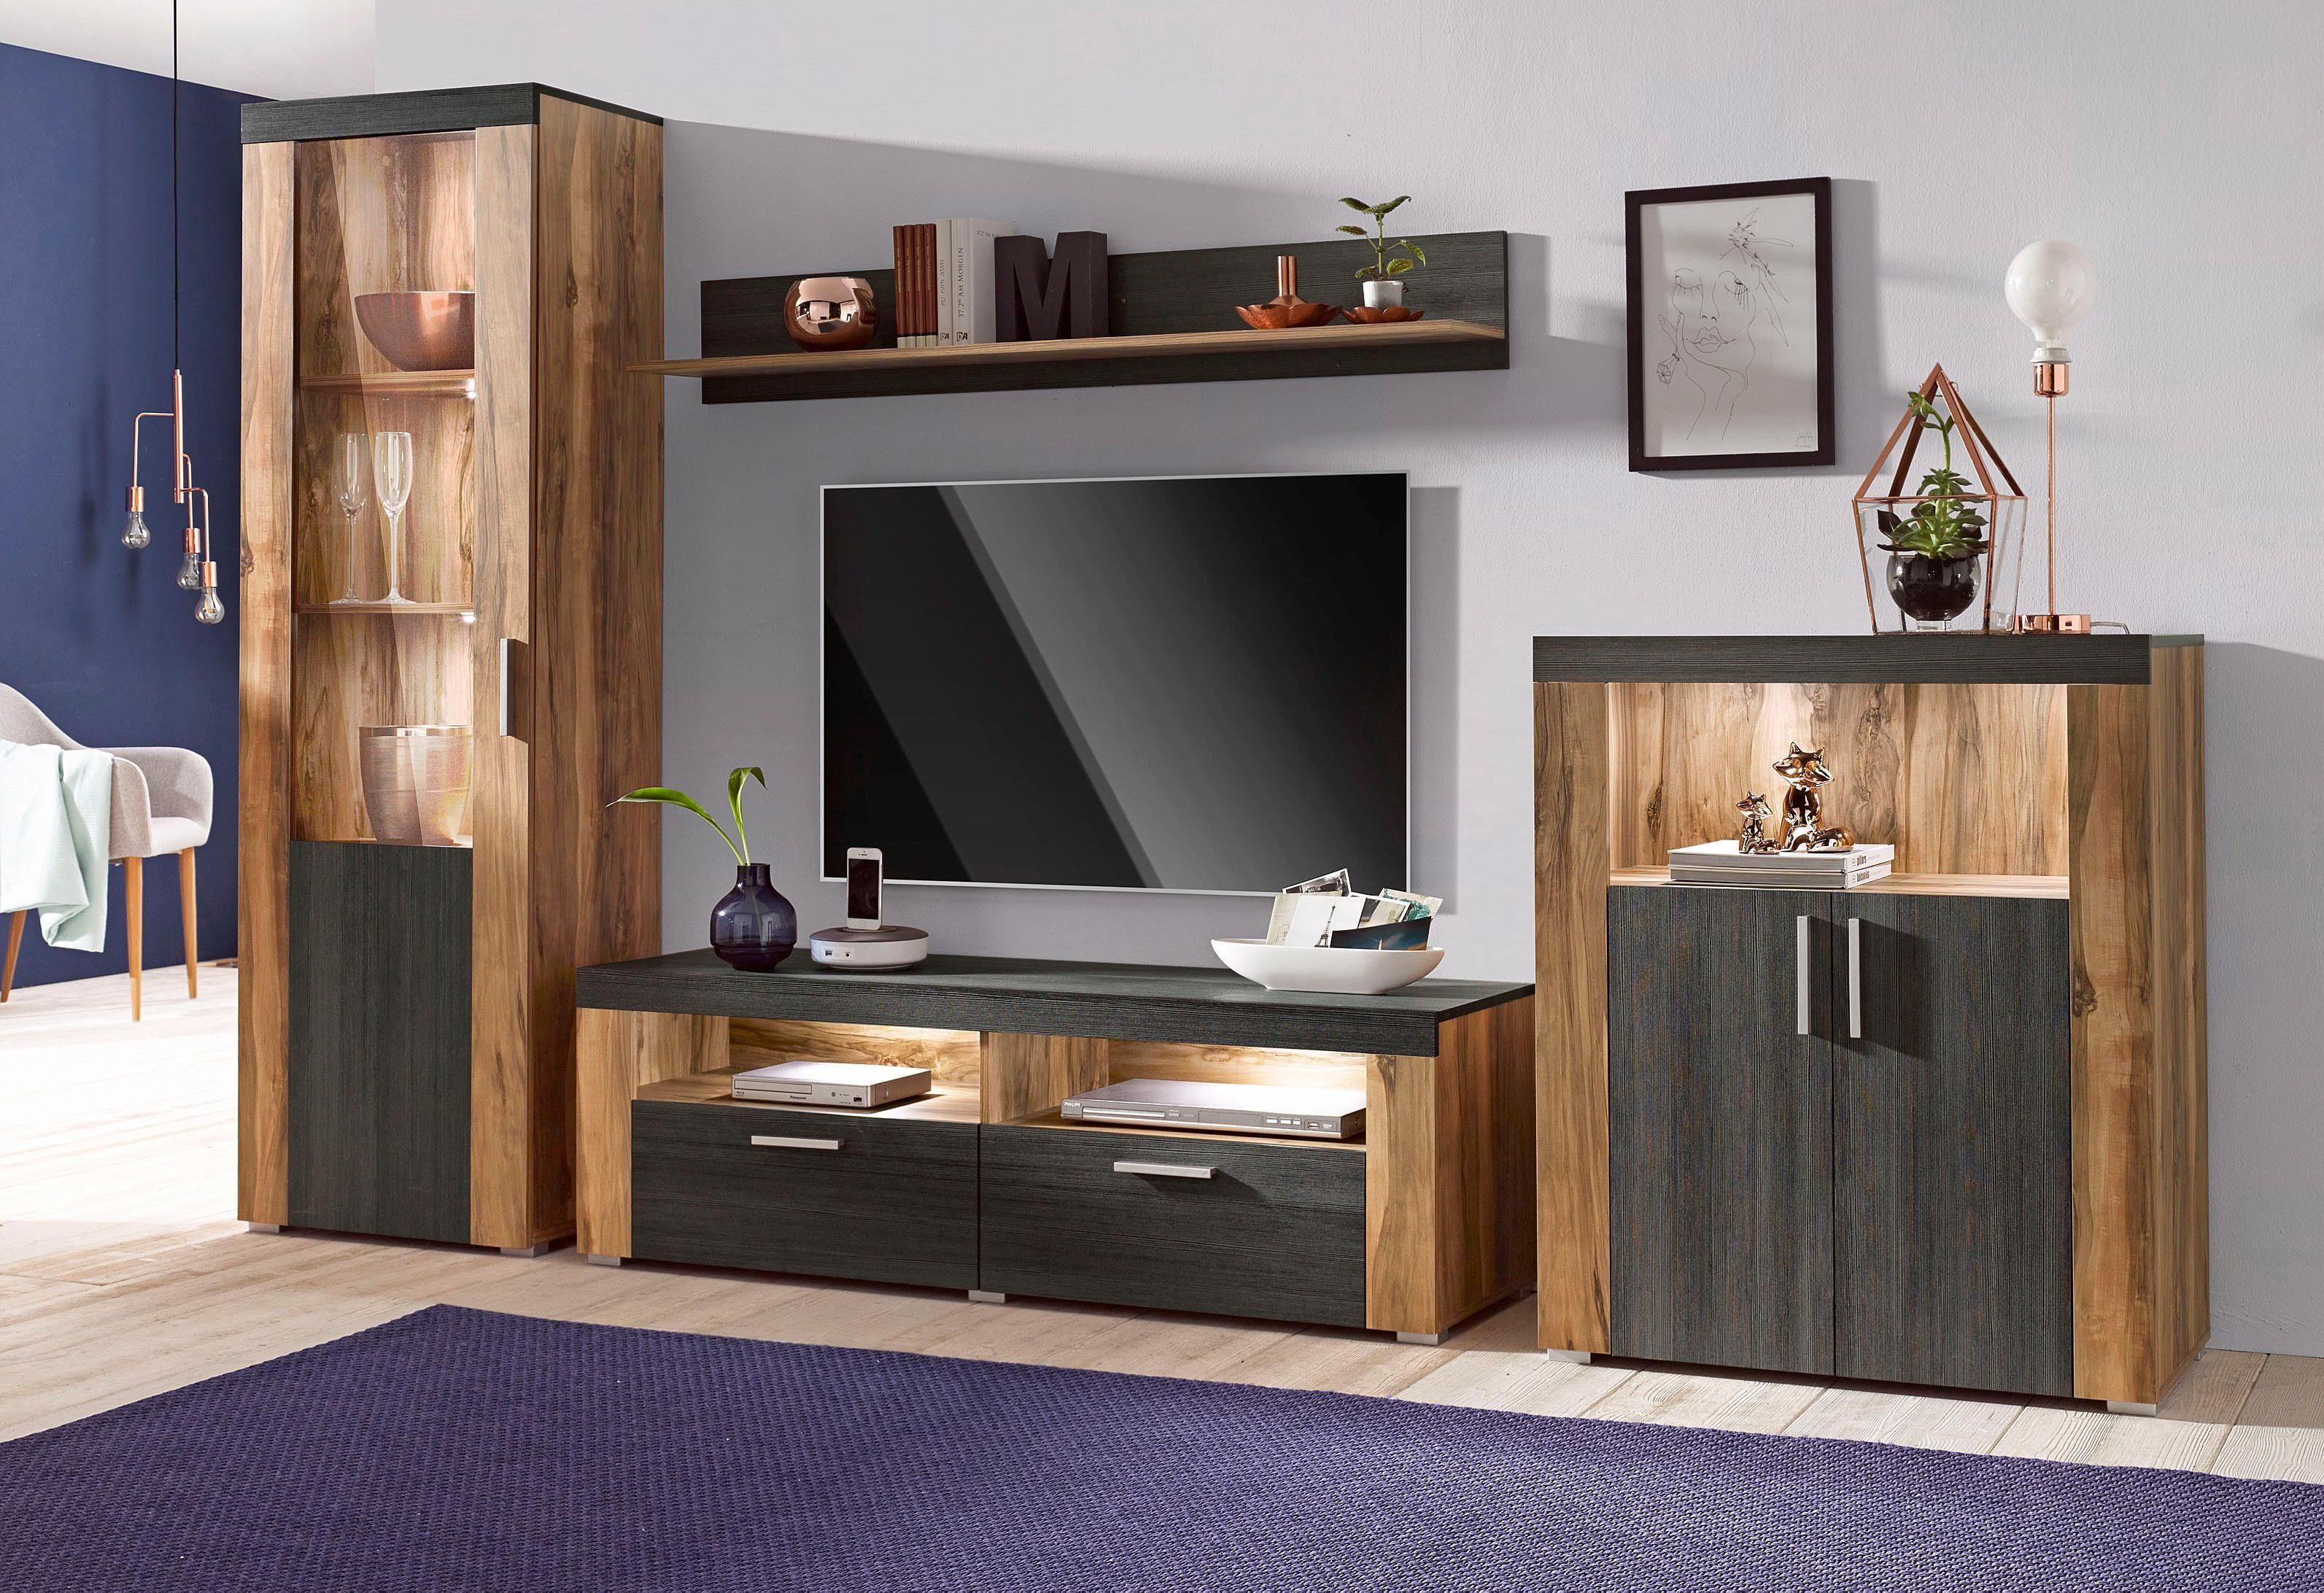 Tv Meubel Wieltjes : Ikea tv meubel groot assortiment tv meubels online ikea